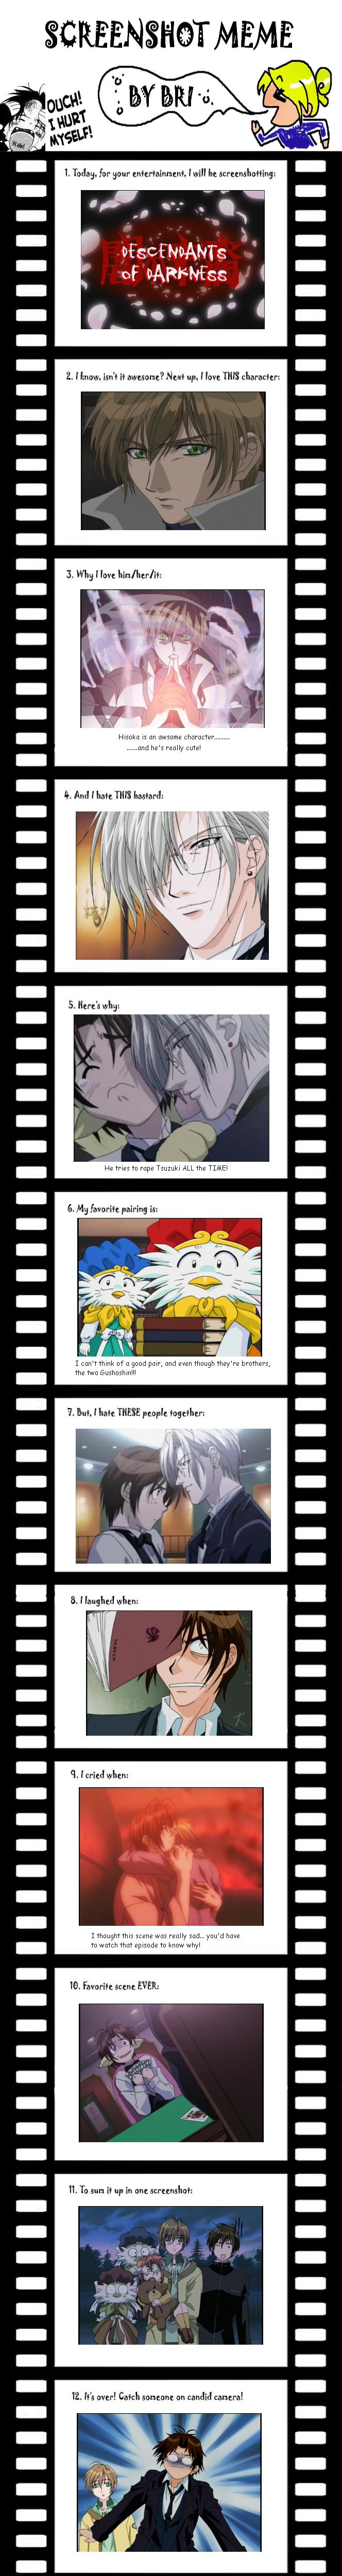 Screenshot Meme by Frostygirl696